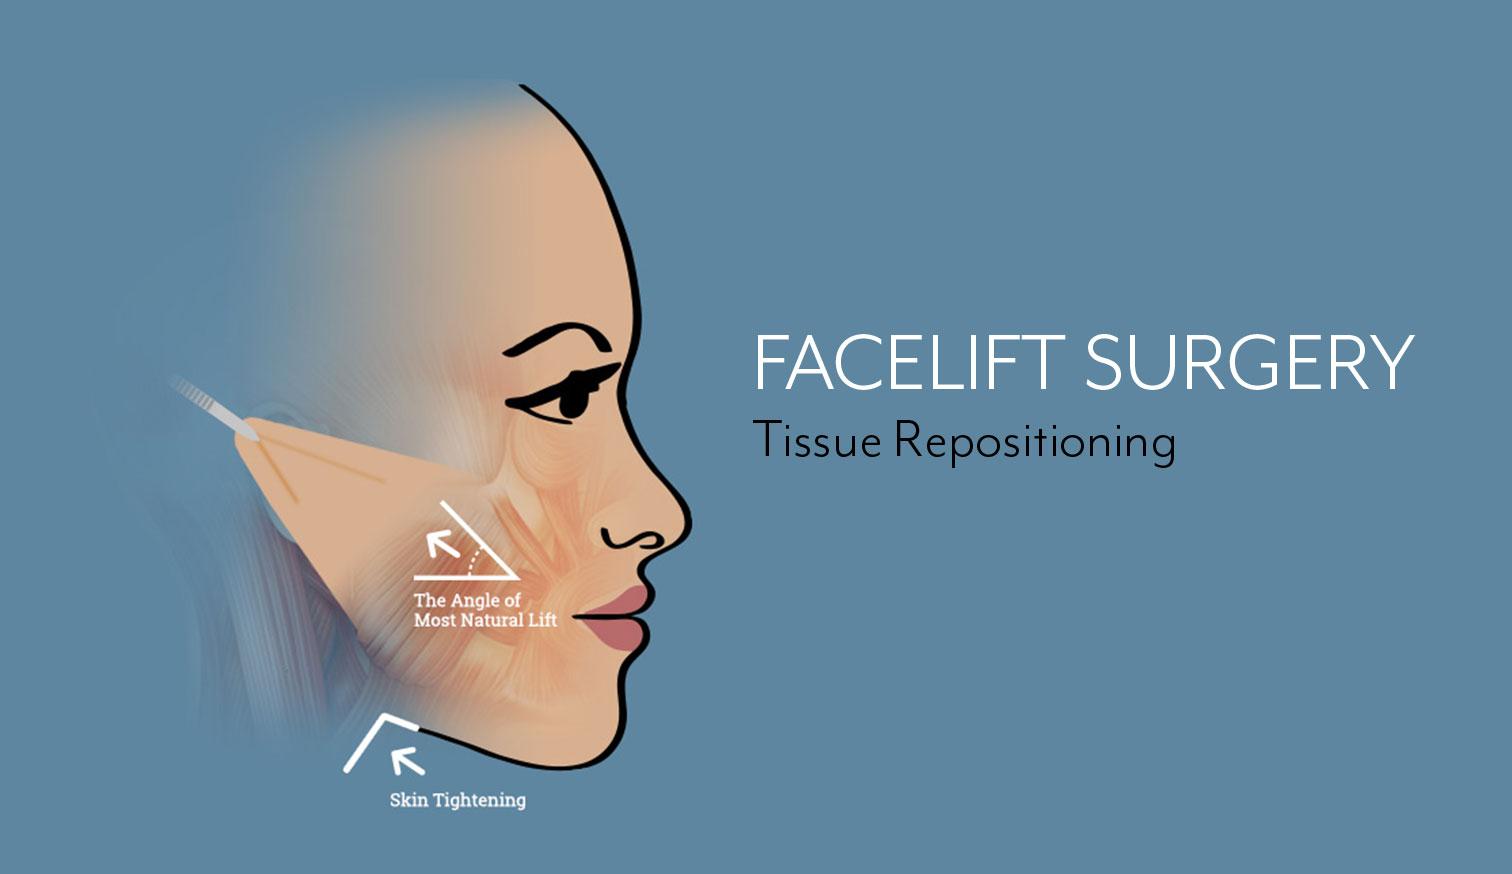 Tissue Repositioning Graphic